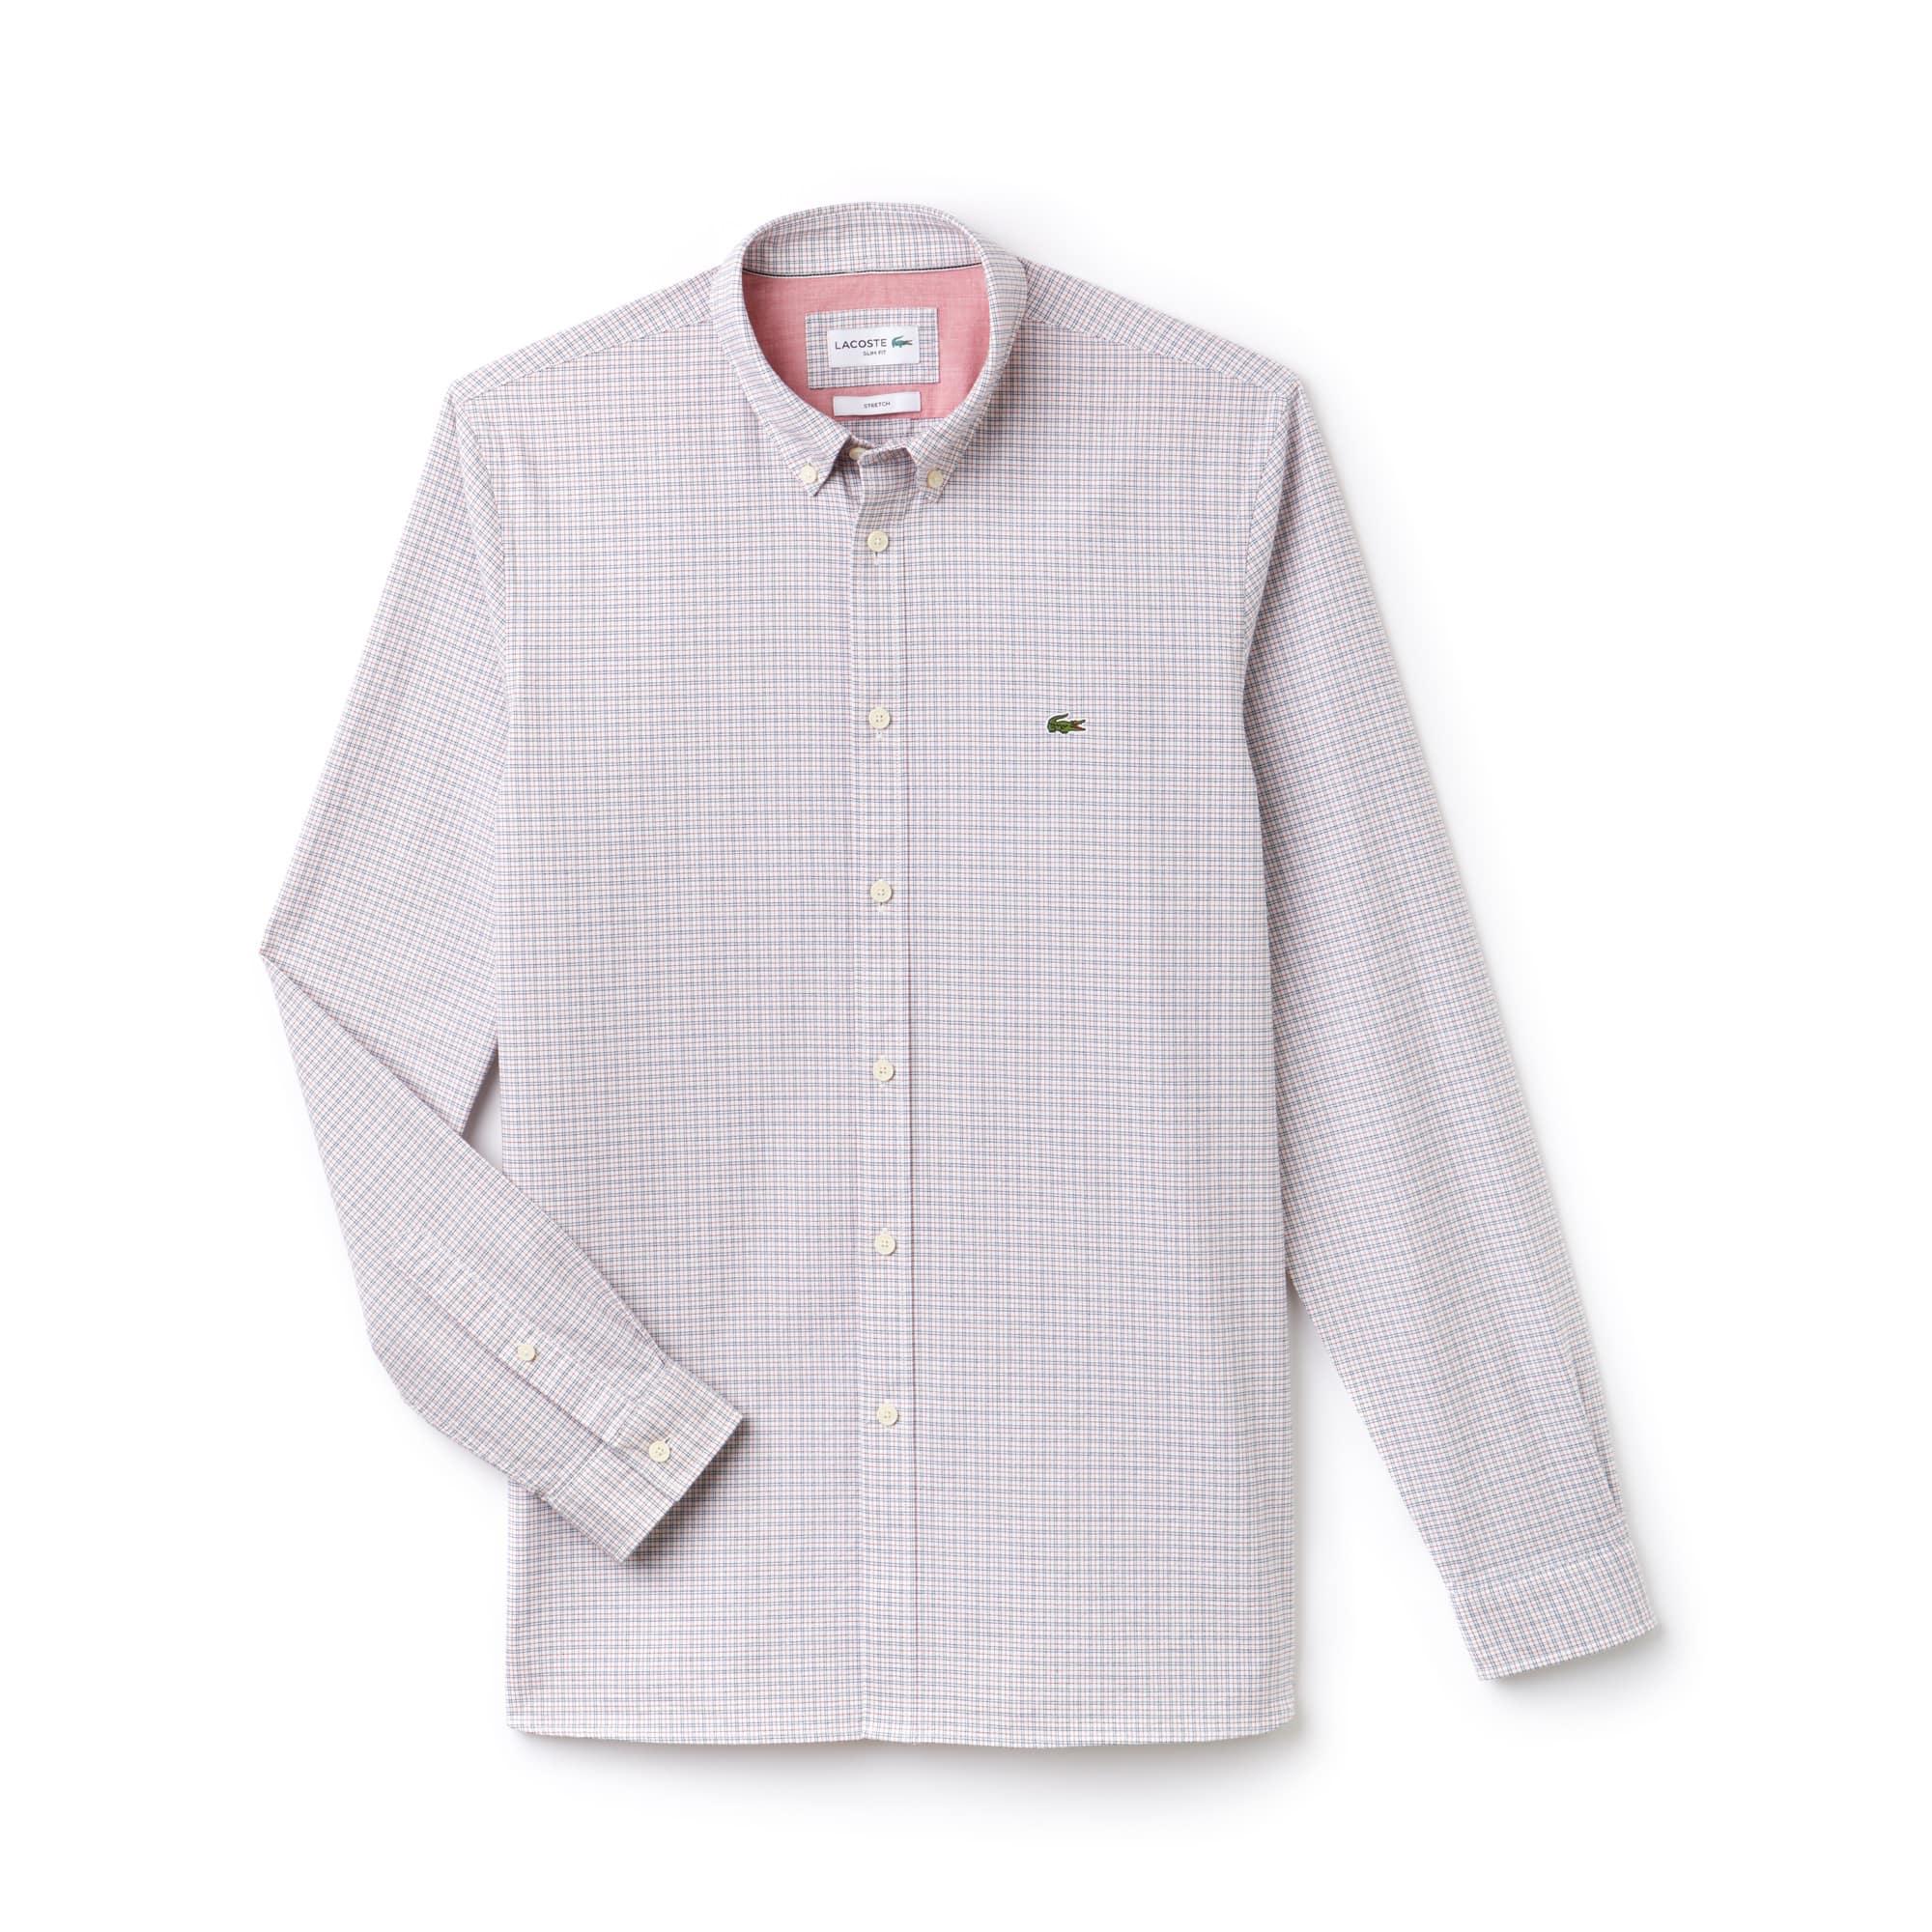 Camisa slim fit em algodão Oxford stretch aos quadrados